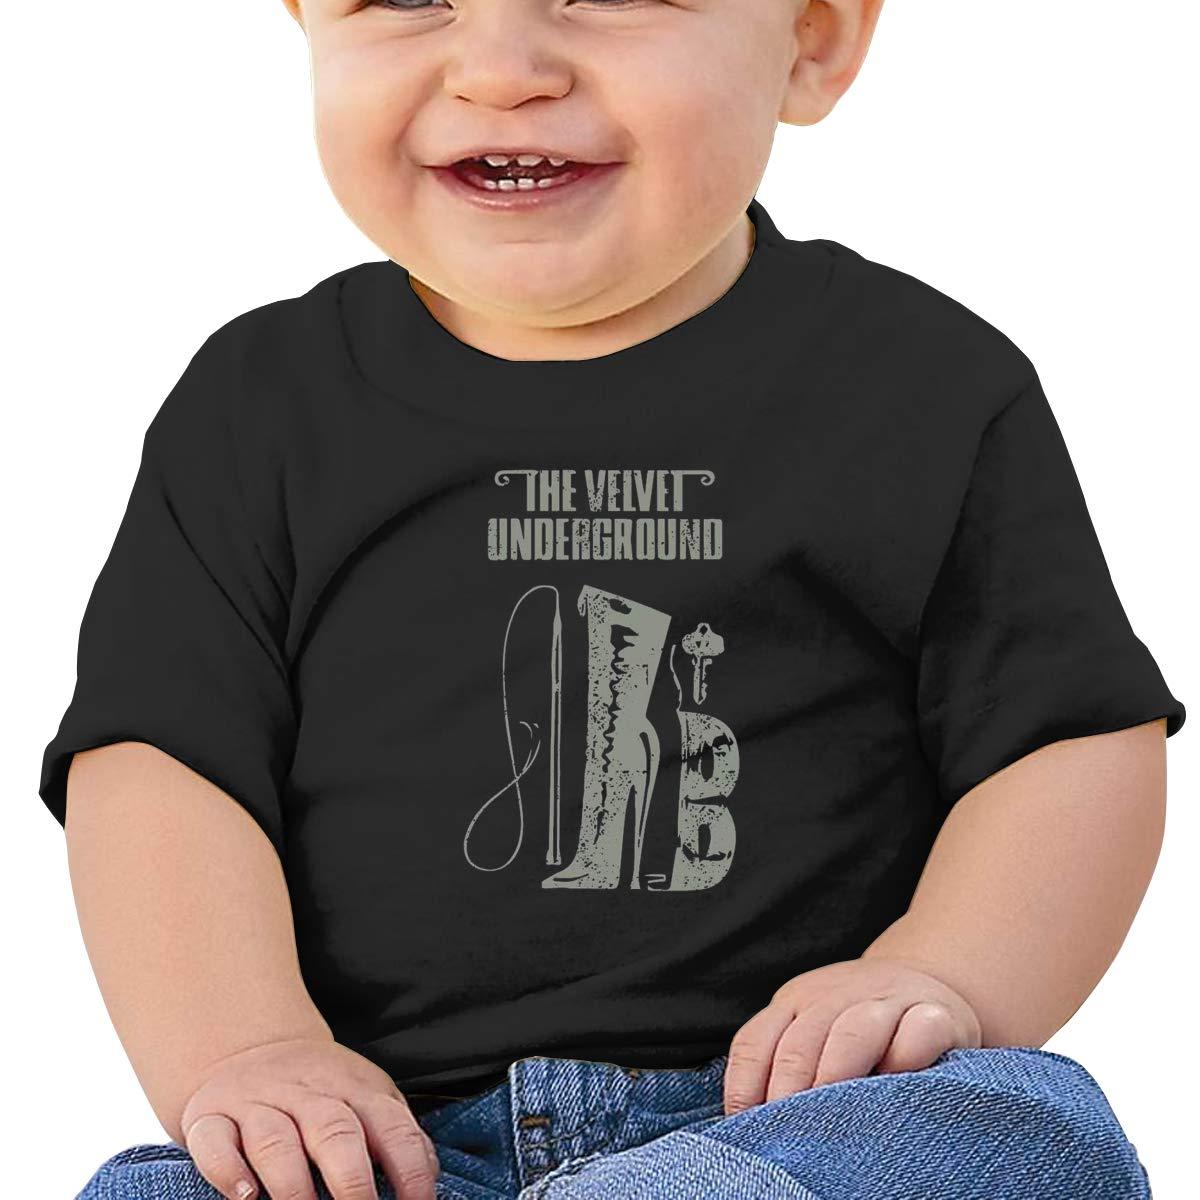 MONIKAL Unisex Infant Short Sleeve T-Shirt The Velvet Underground Toddler Kids Organic Cotton Graphic Tee Tops